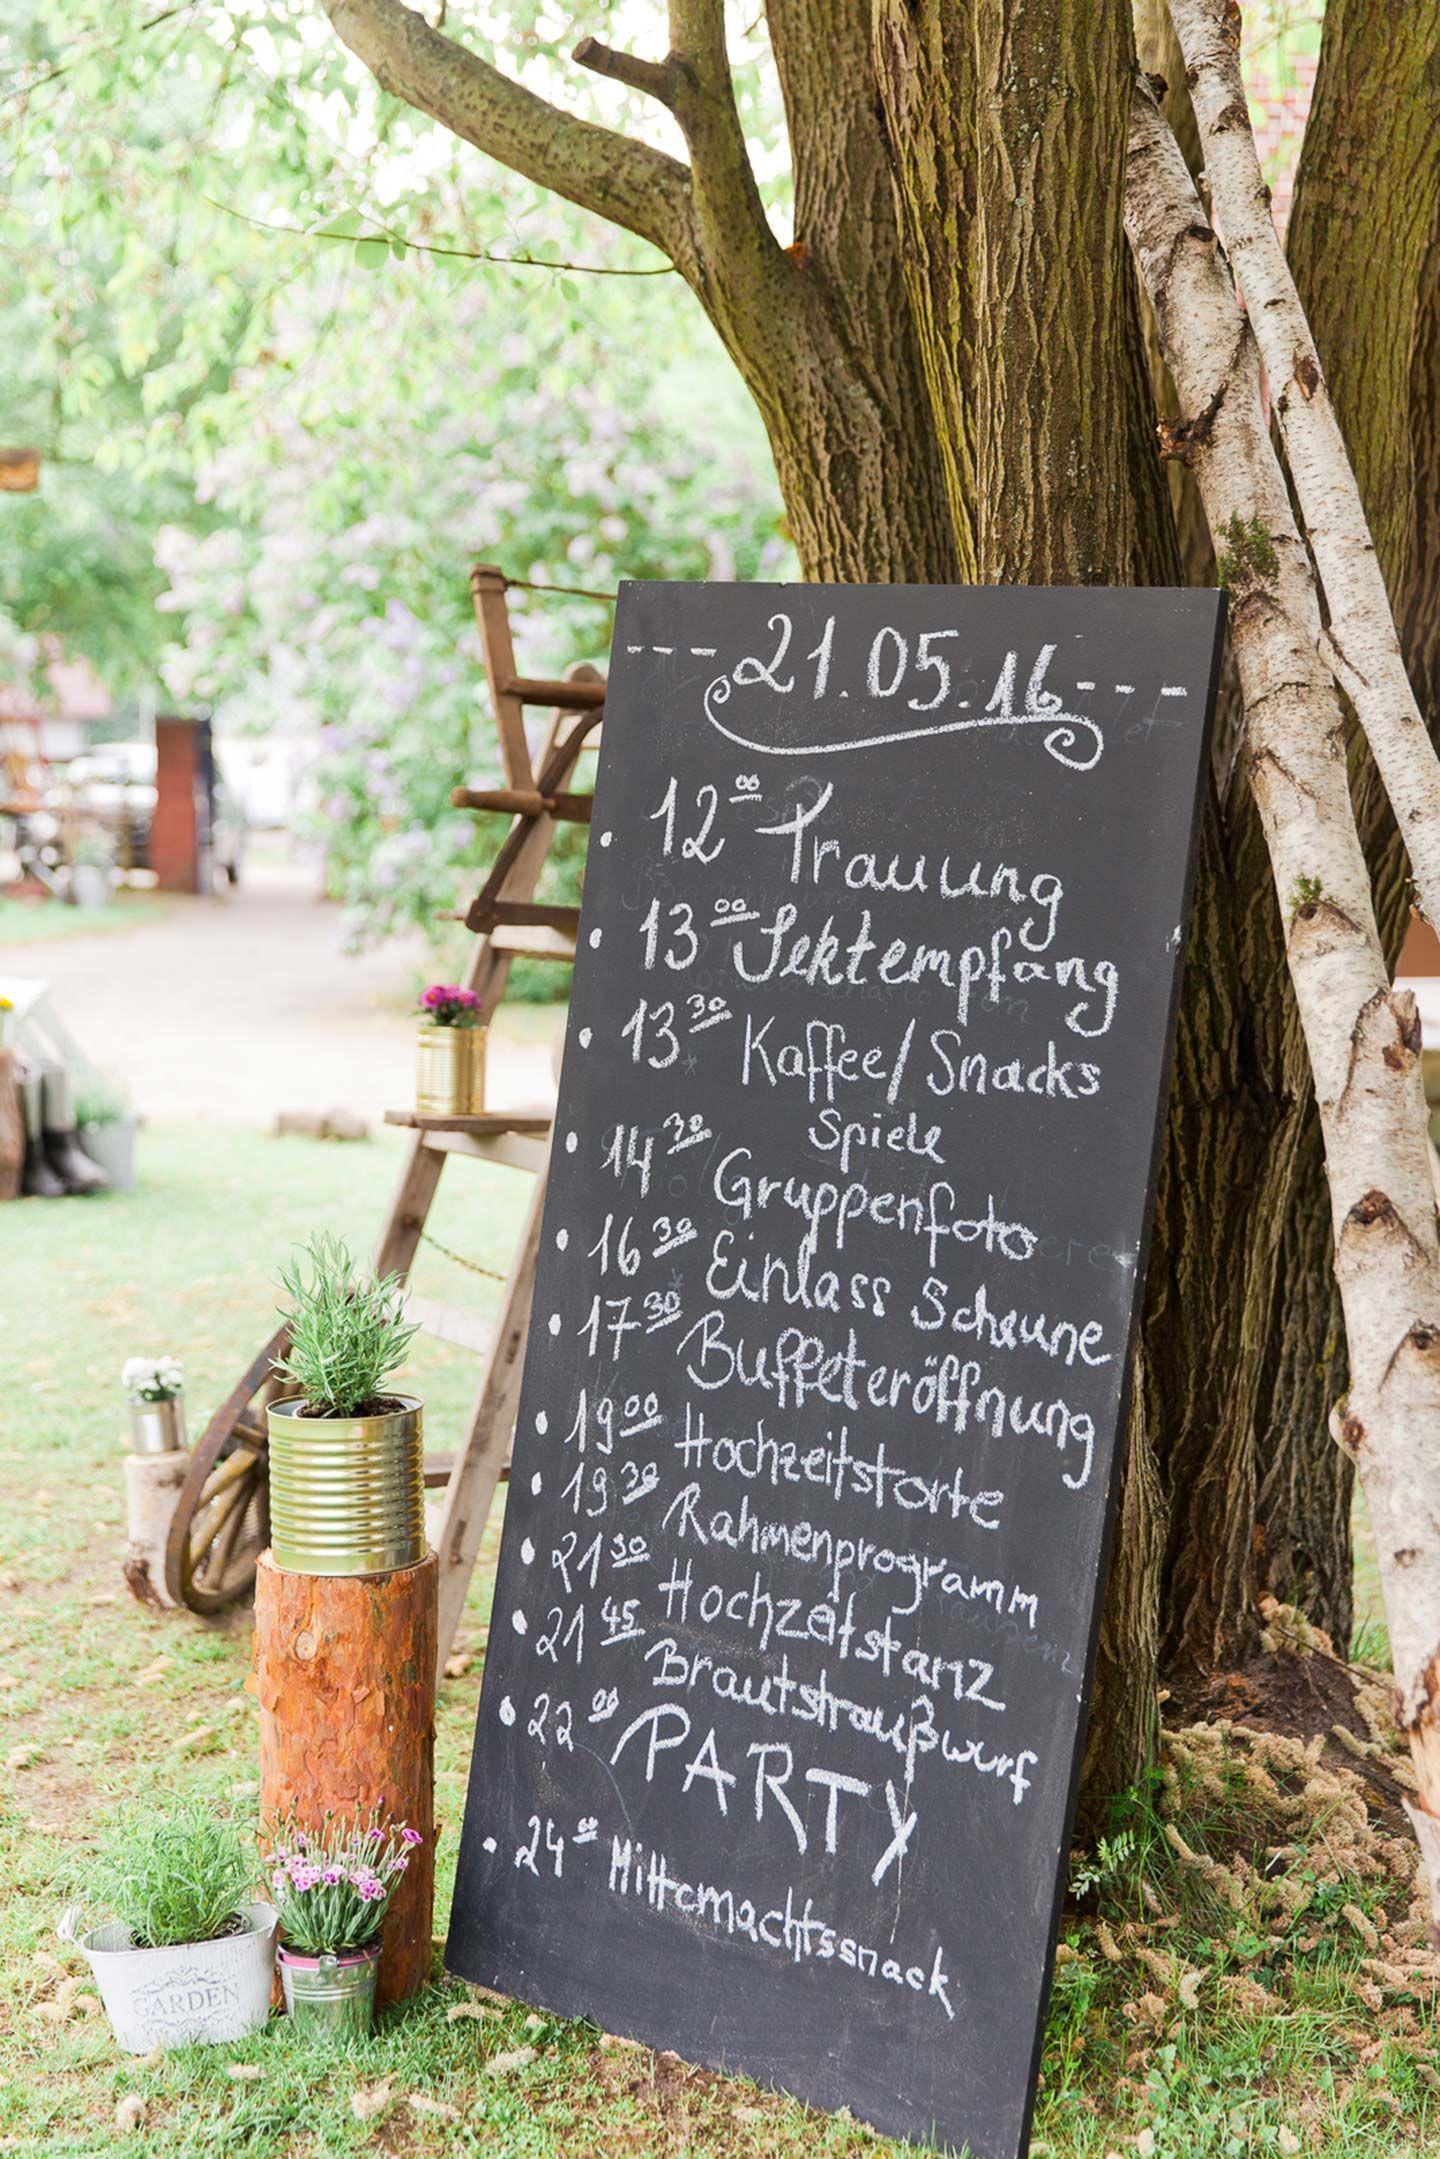 Steffi Marc Gartenhochzeit Im Vintage Style Hochzeitswahn Sei Inspiriert Gartenhochzeit Gartenparty Hochzeit Und Magische Hochzeit